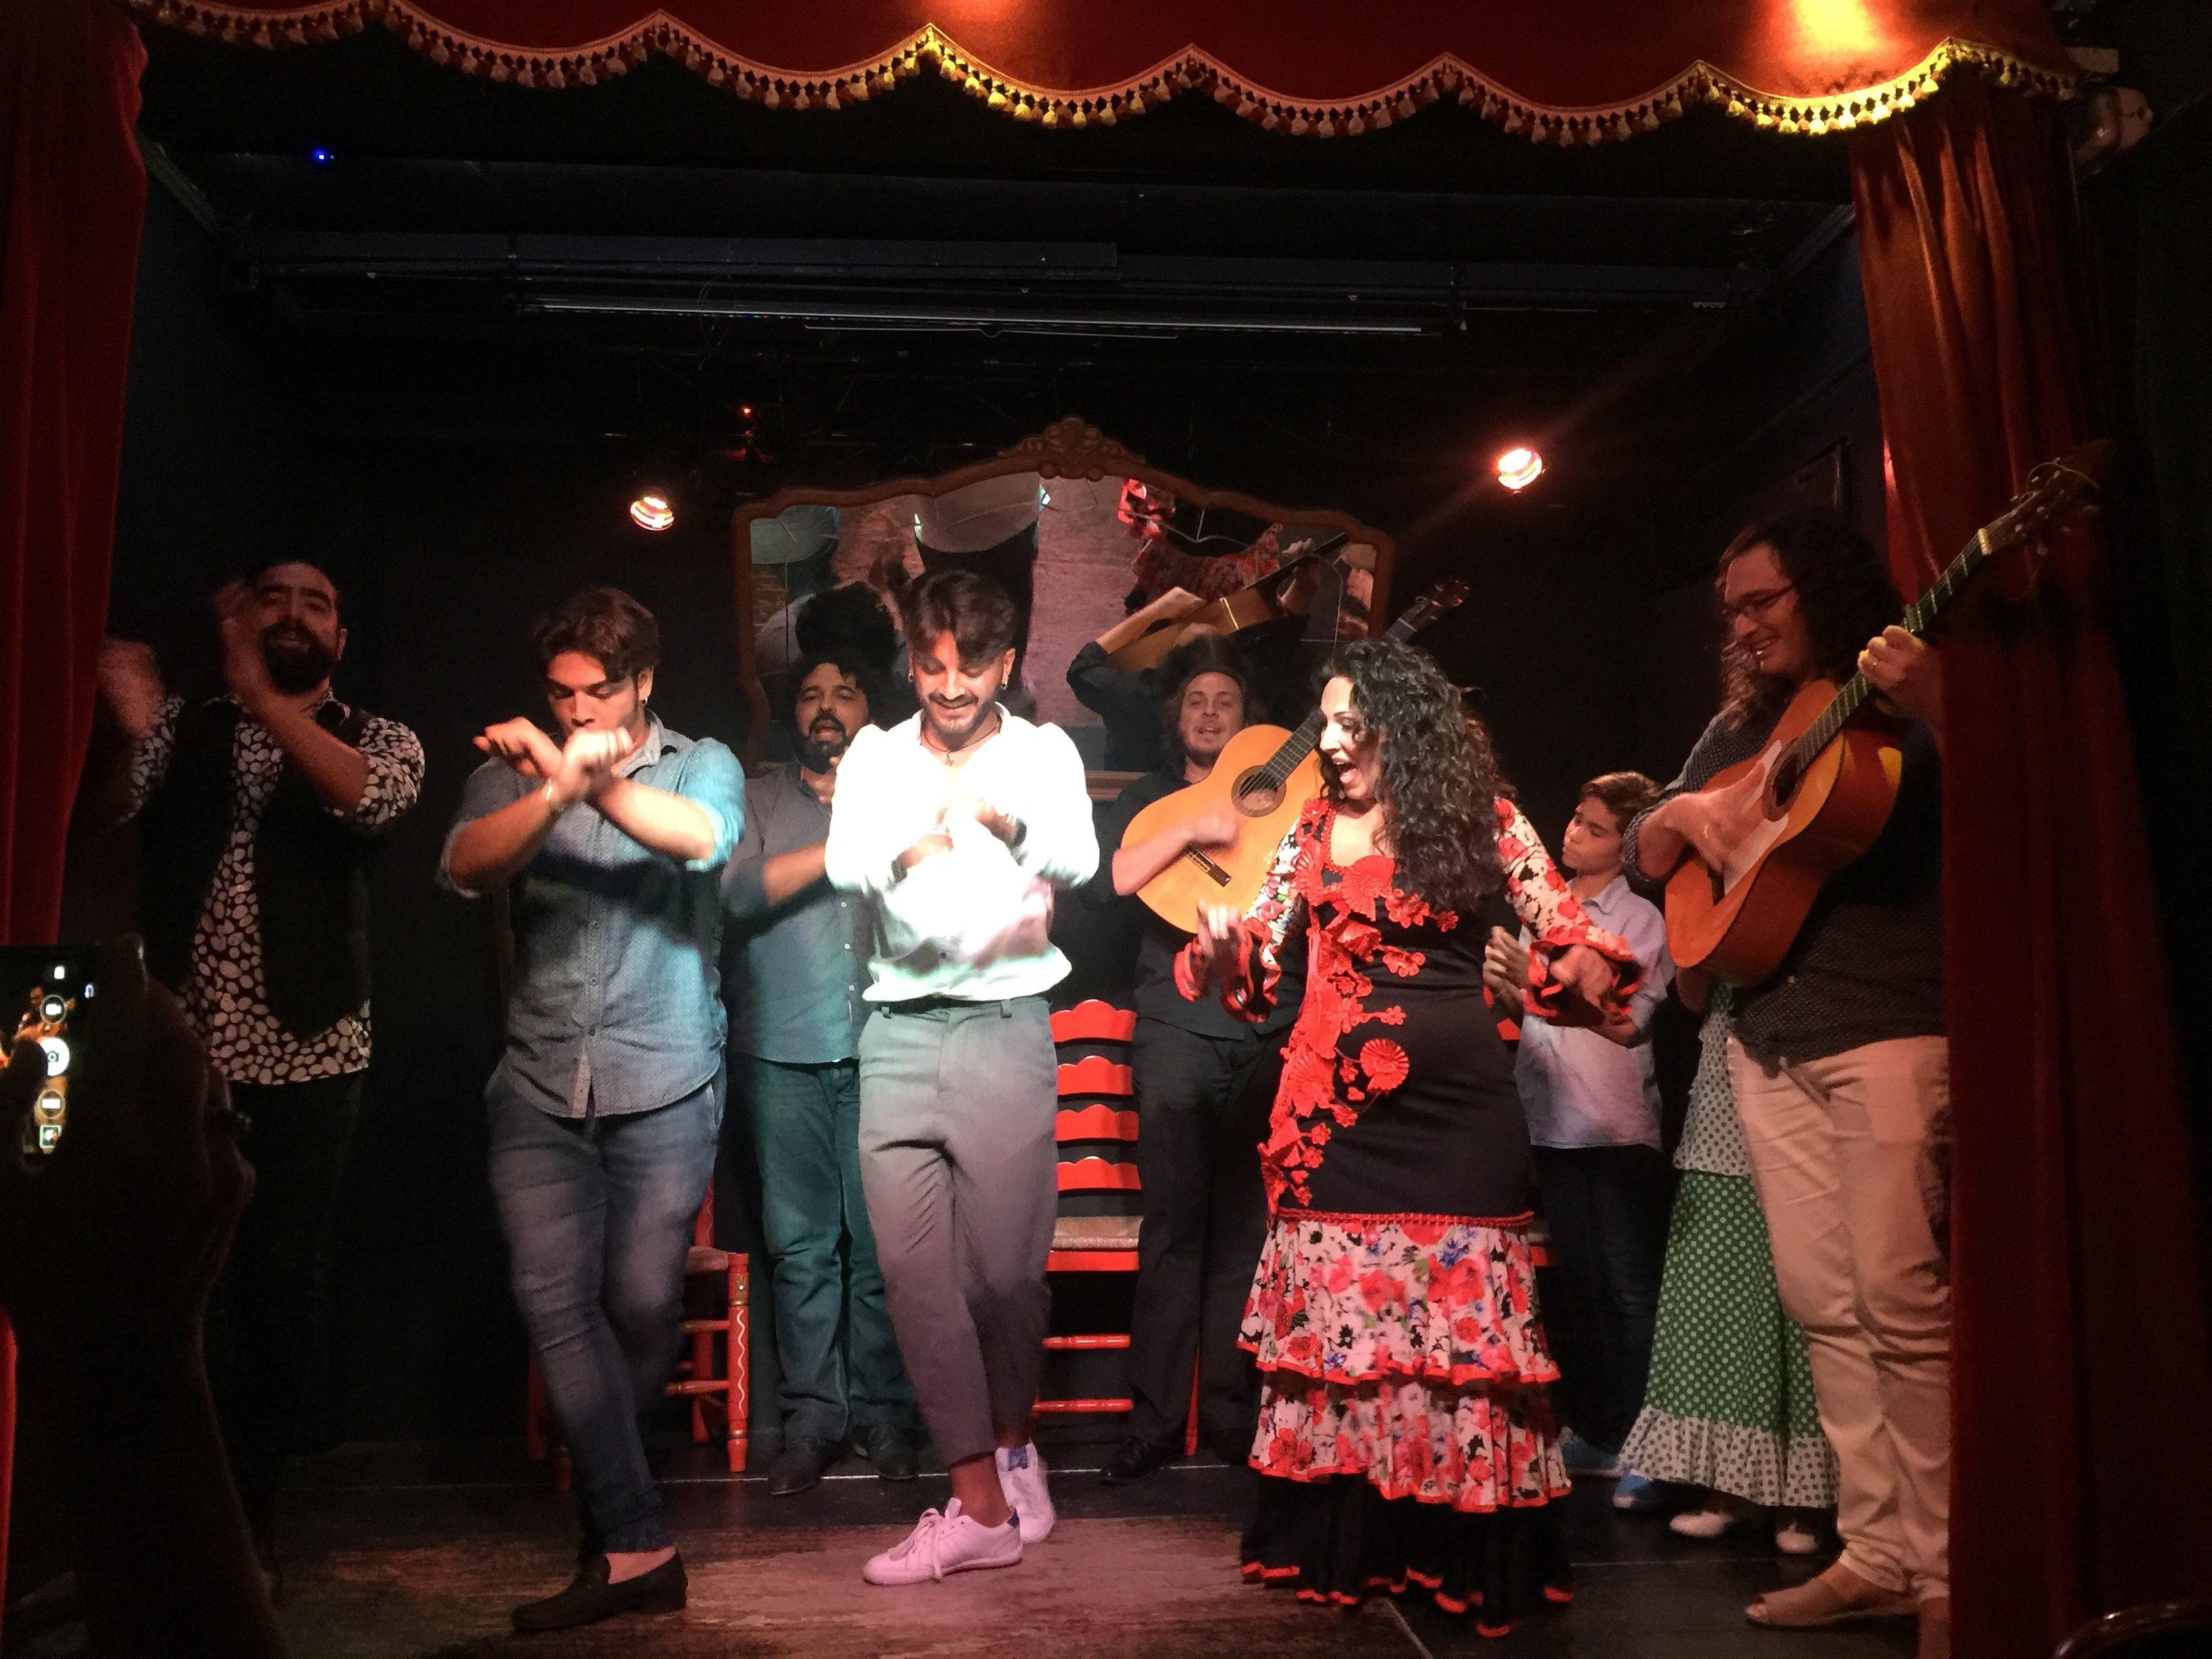 Spain: Gypsy Flamenco Dancers